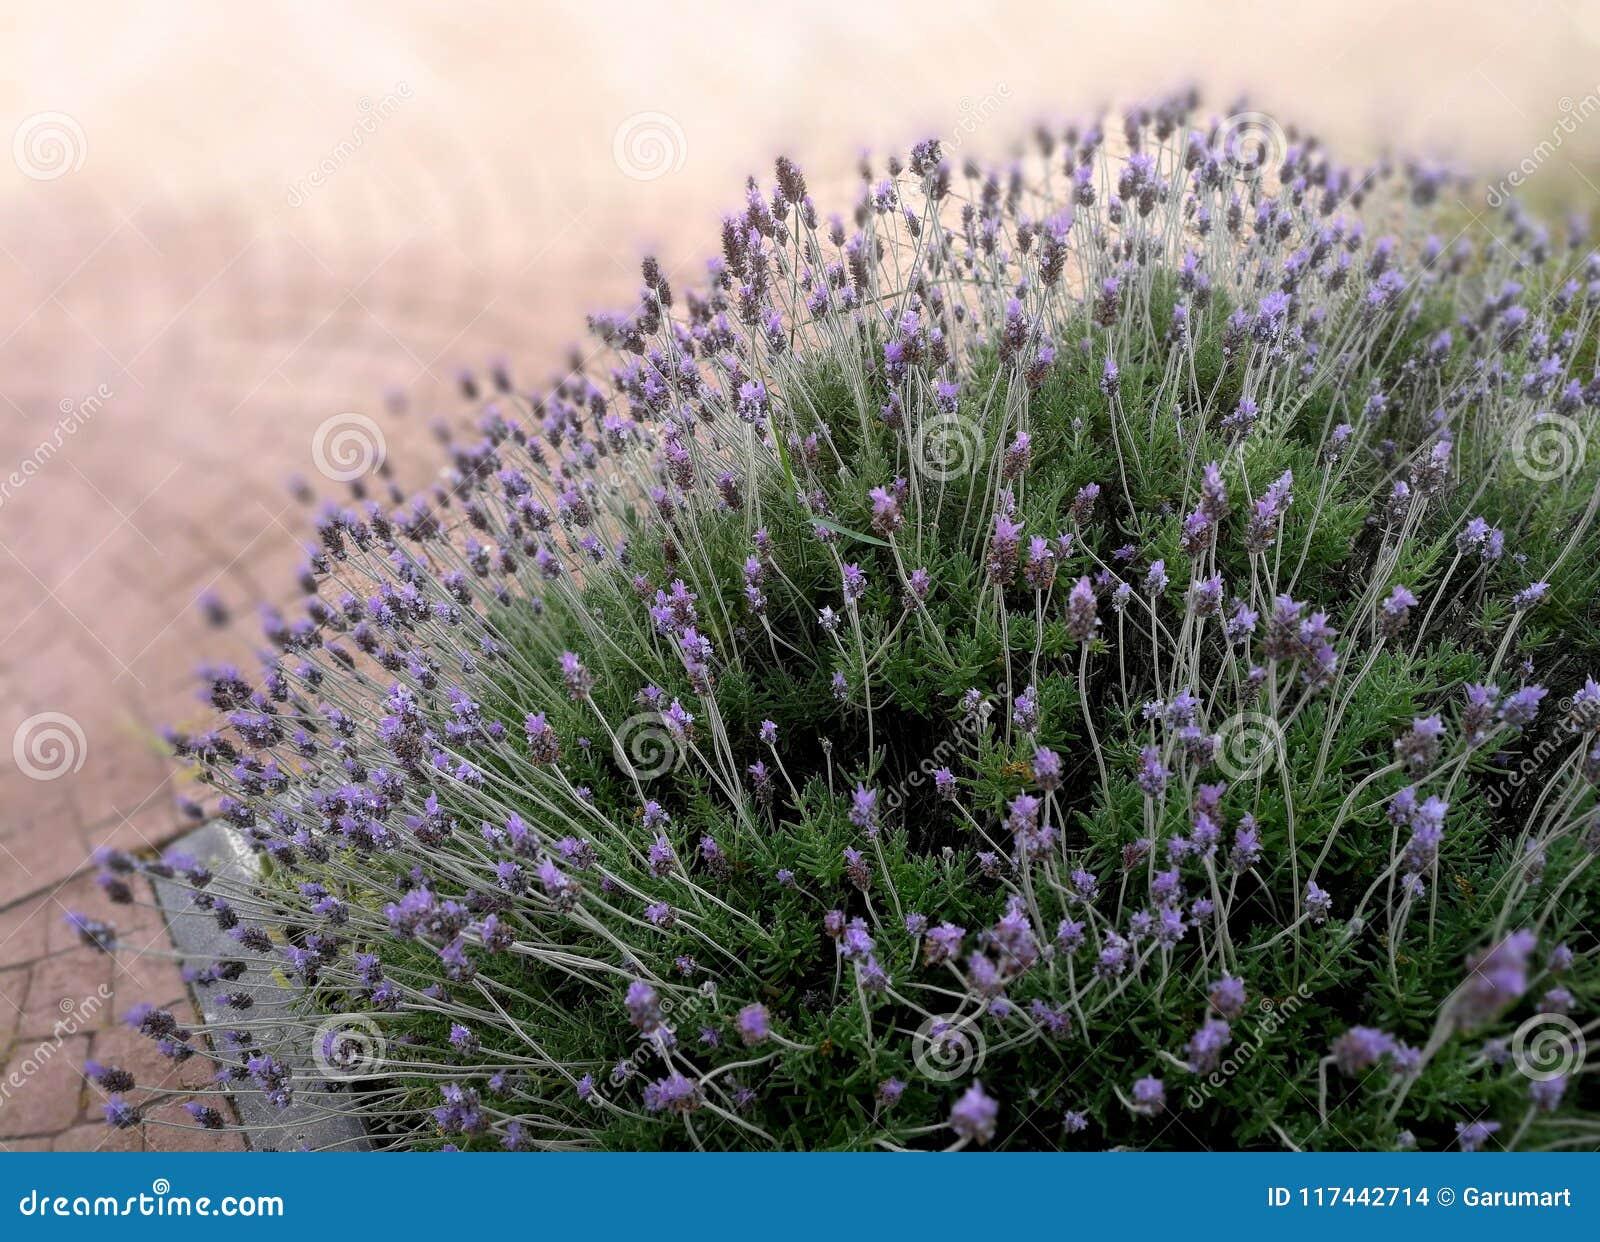 Lavender bush in public park